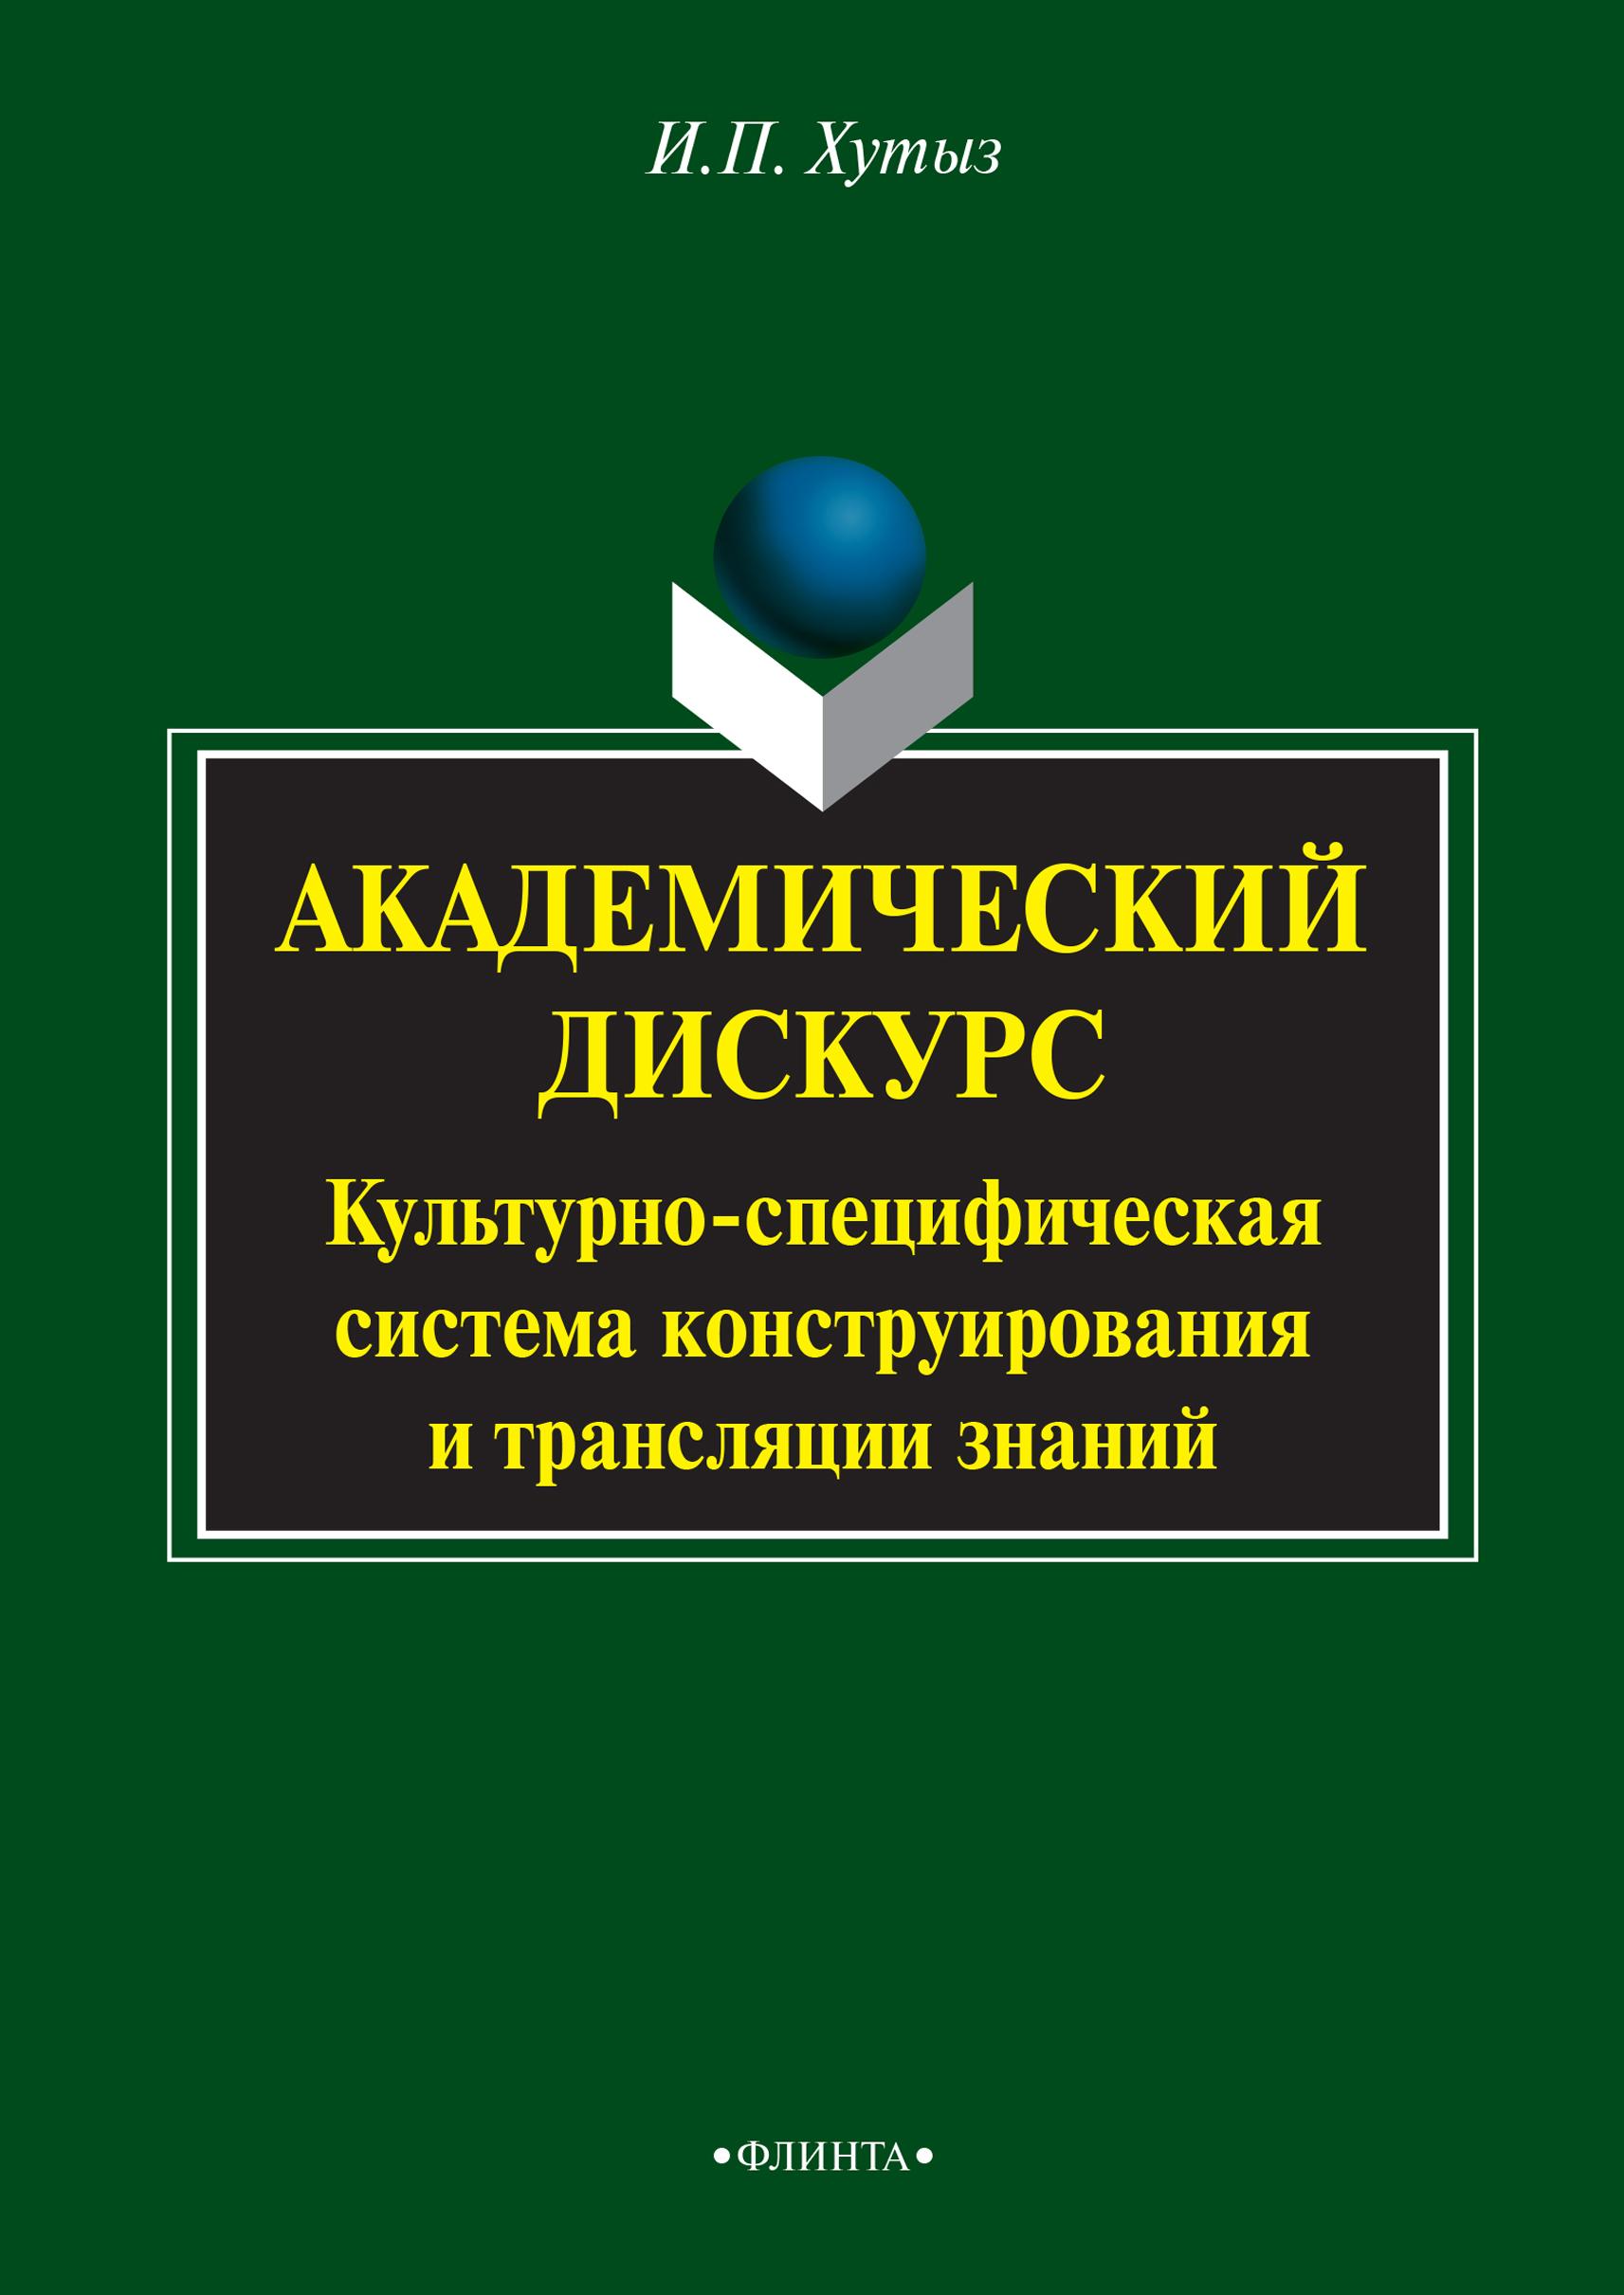 И. П. Хутыз Академический дискурс. Культурно-специфическая система конструирования и трансляции знаний предвыборный дискурс